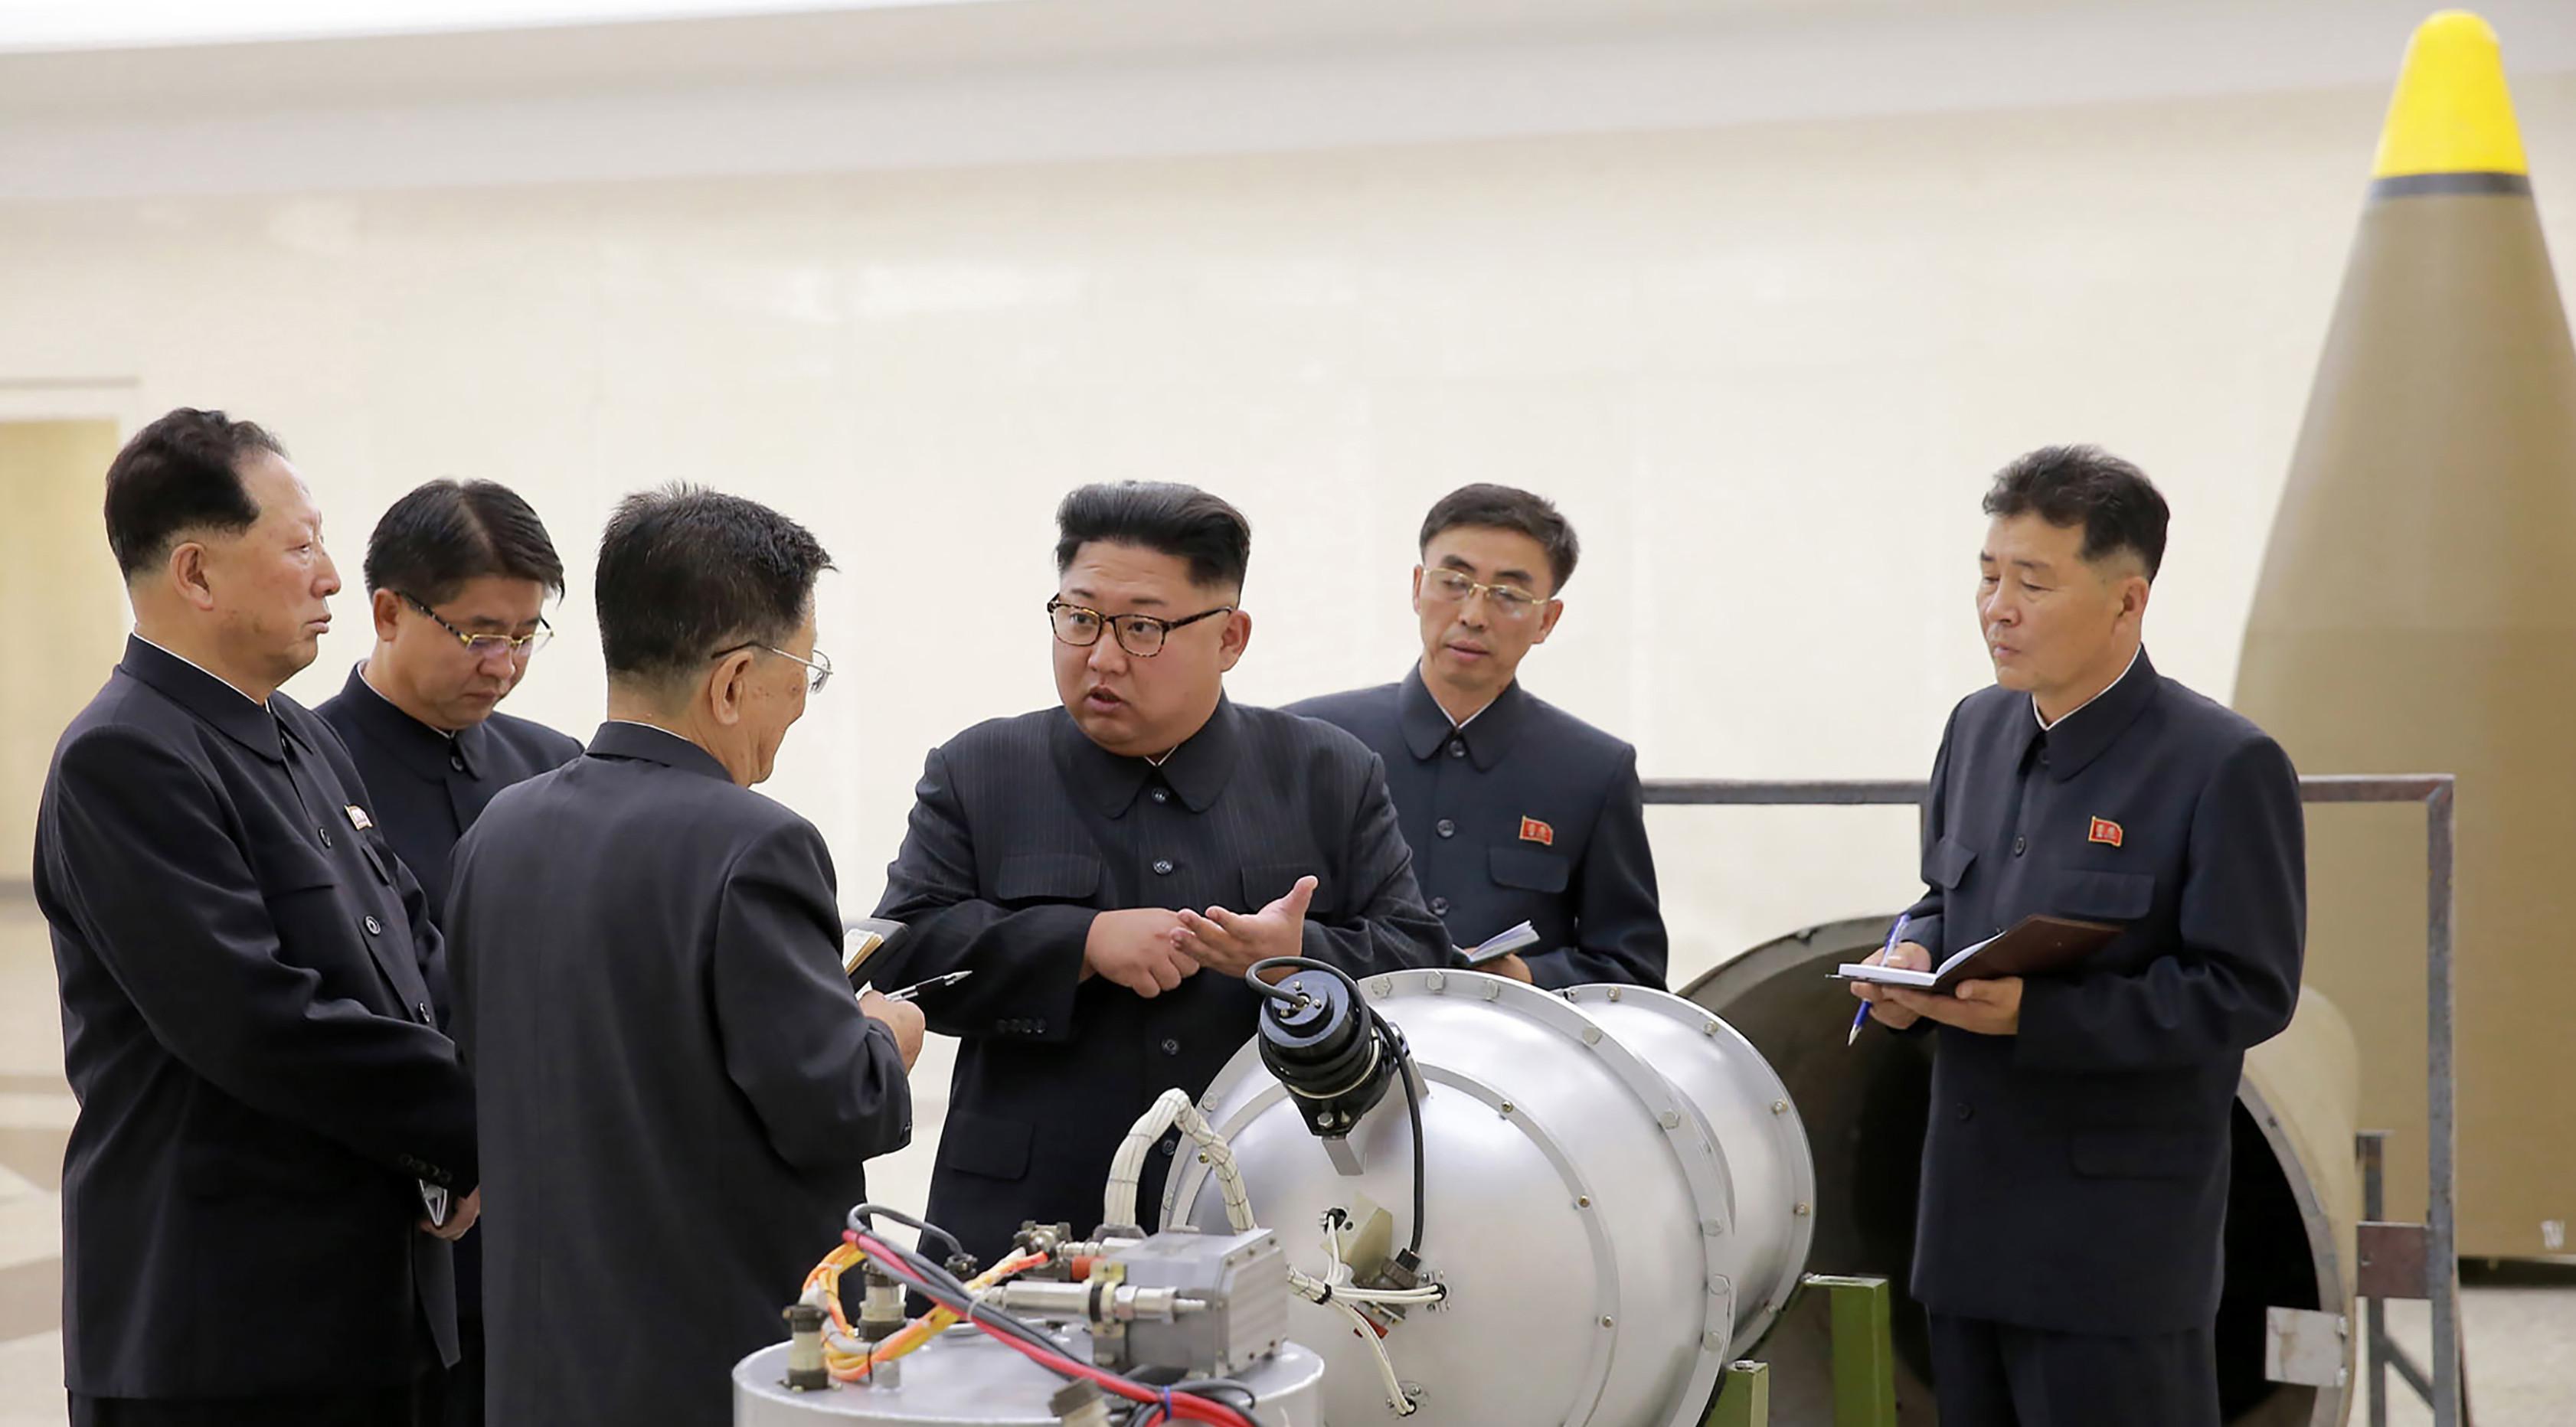 Pemimpin Korut, Kim Jong-un berbincang dengan para peneliti mengenai program senjata nuklir saat meninjau pembuatan bom hidrogen yang dapat dimasukkan ke dalam rudal balistik antarbenua pada 3 September 2017. (AFP Photo/Kcna Via Kns/Str)